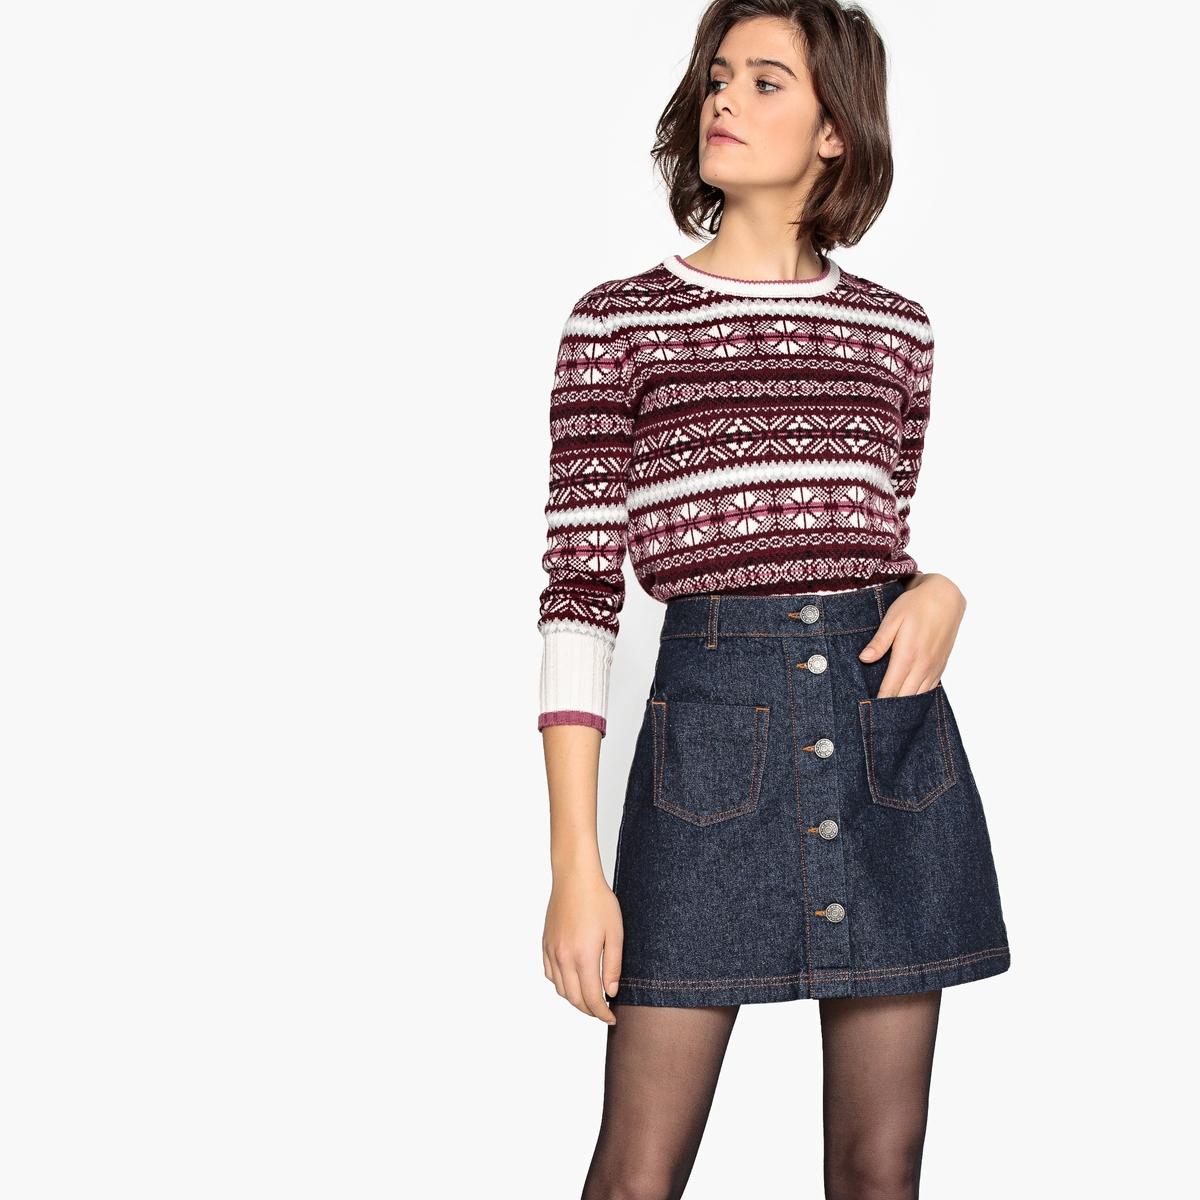 Пуловер La Redoute С круглым вырезом и жаккардовым рисунком из полушерстяной ткани XL красный пуловер la redoute с круглым вырезом из шерсти мериноса pascal 3xl черный